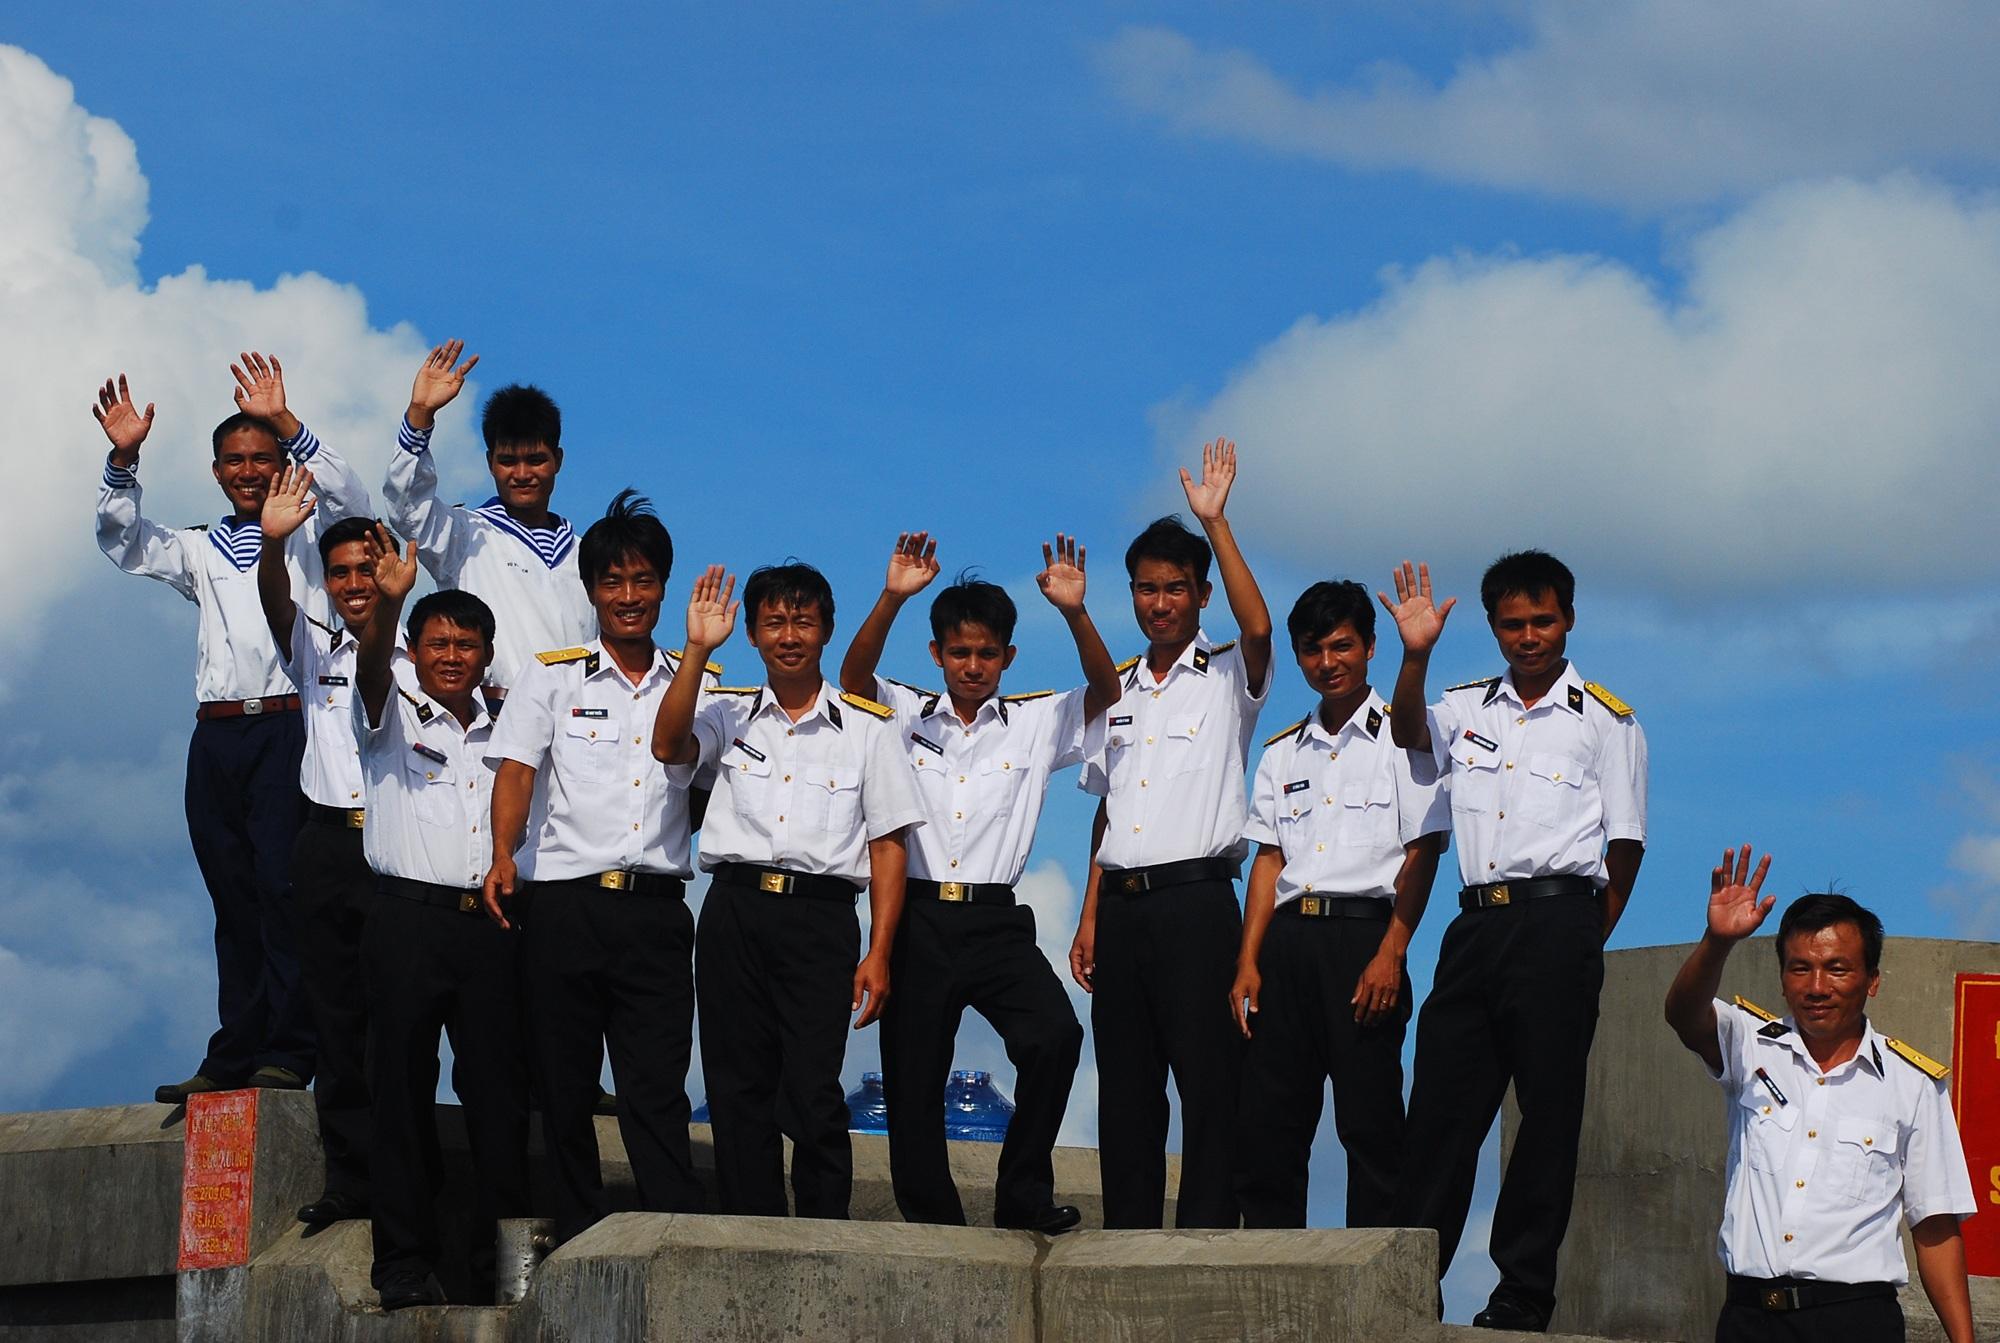 Cán bộ, chiến sỹ là người Nghệ An tại đảo Đá Tây C đón khách từ đất liền ta thăm (ảnh Hoàng Trần).